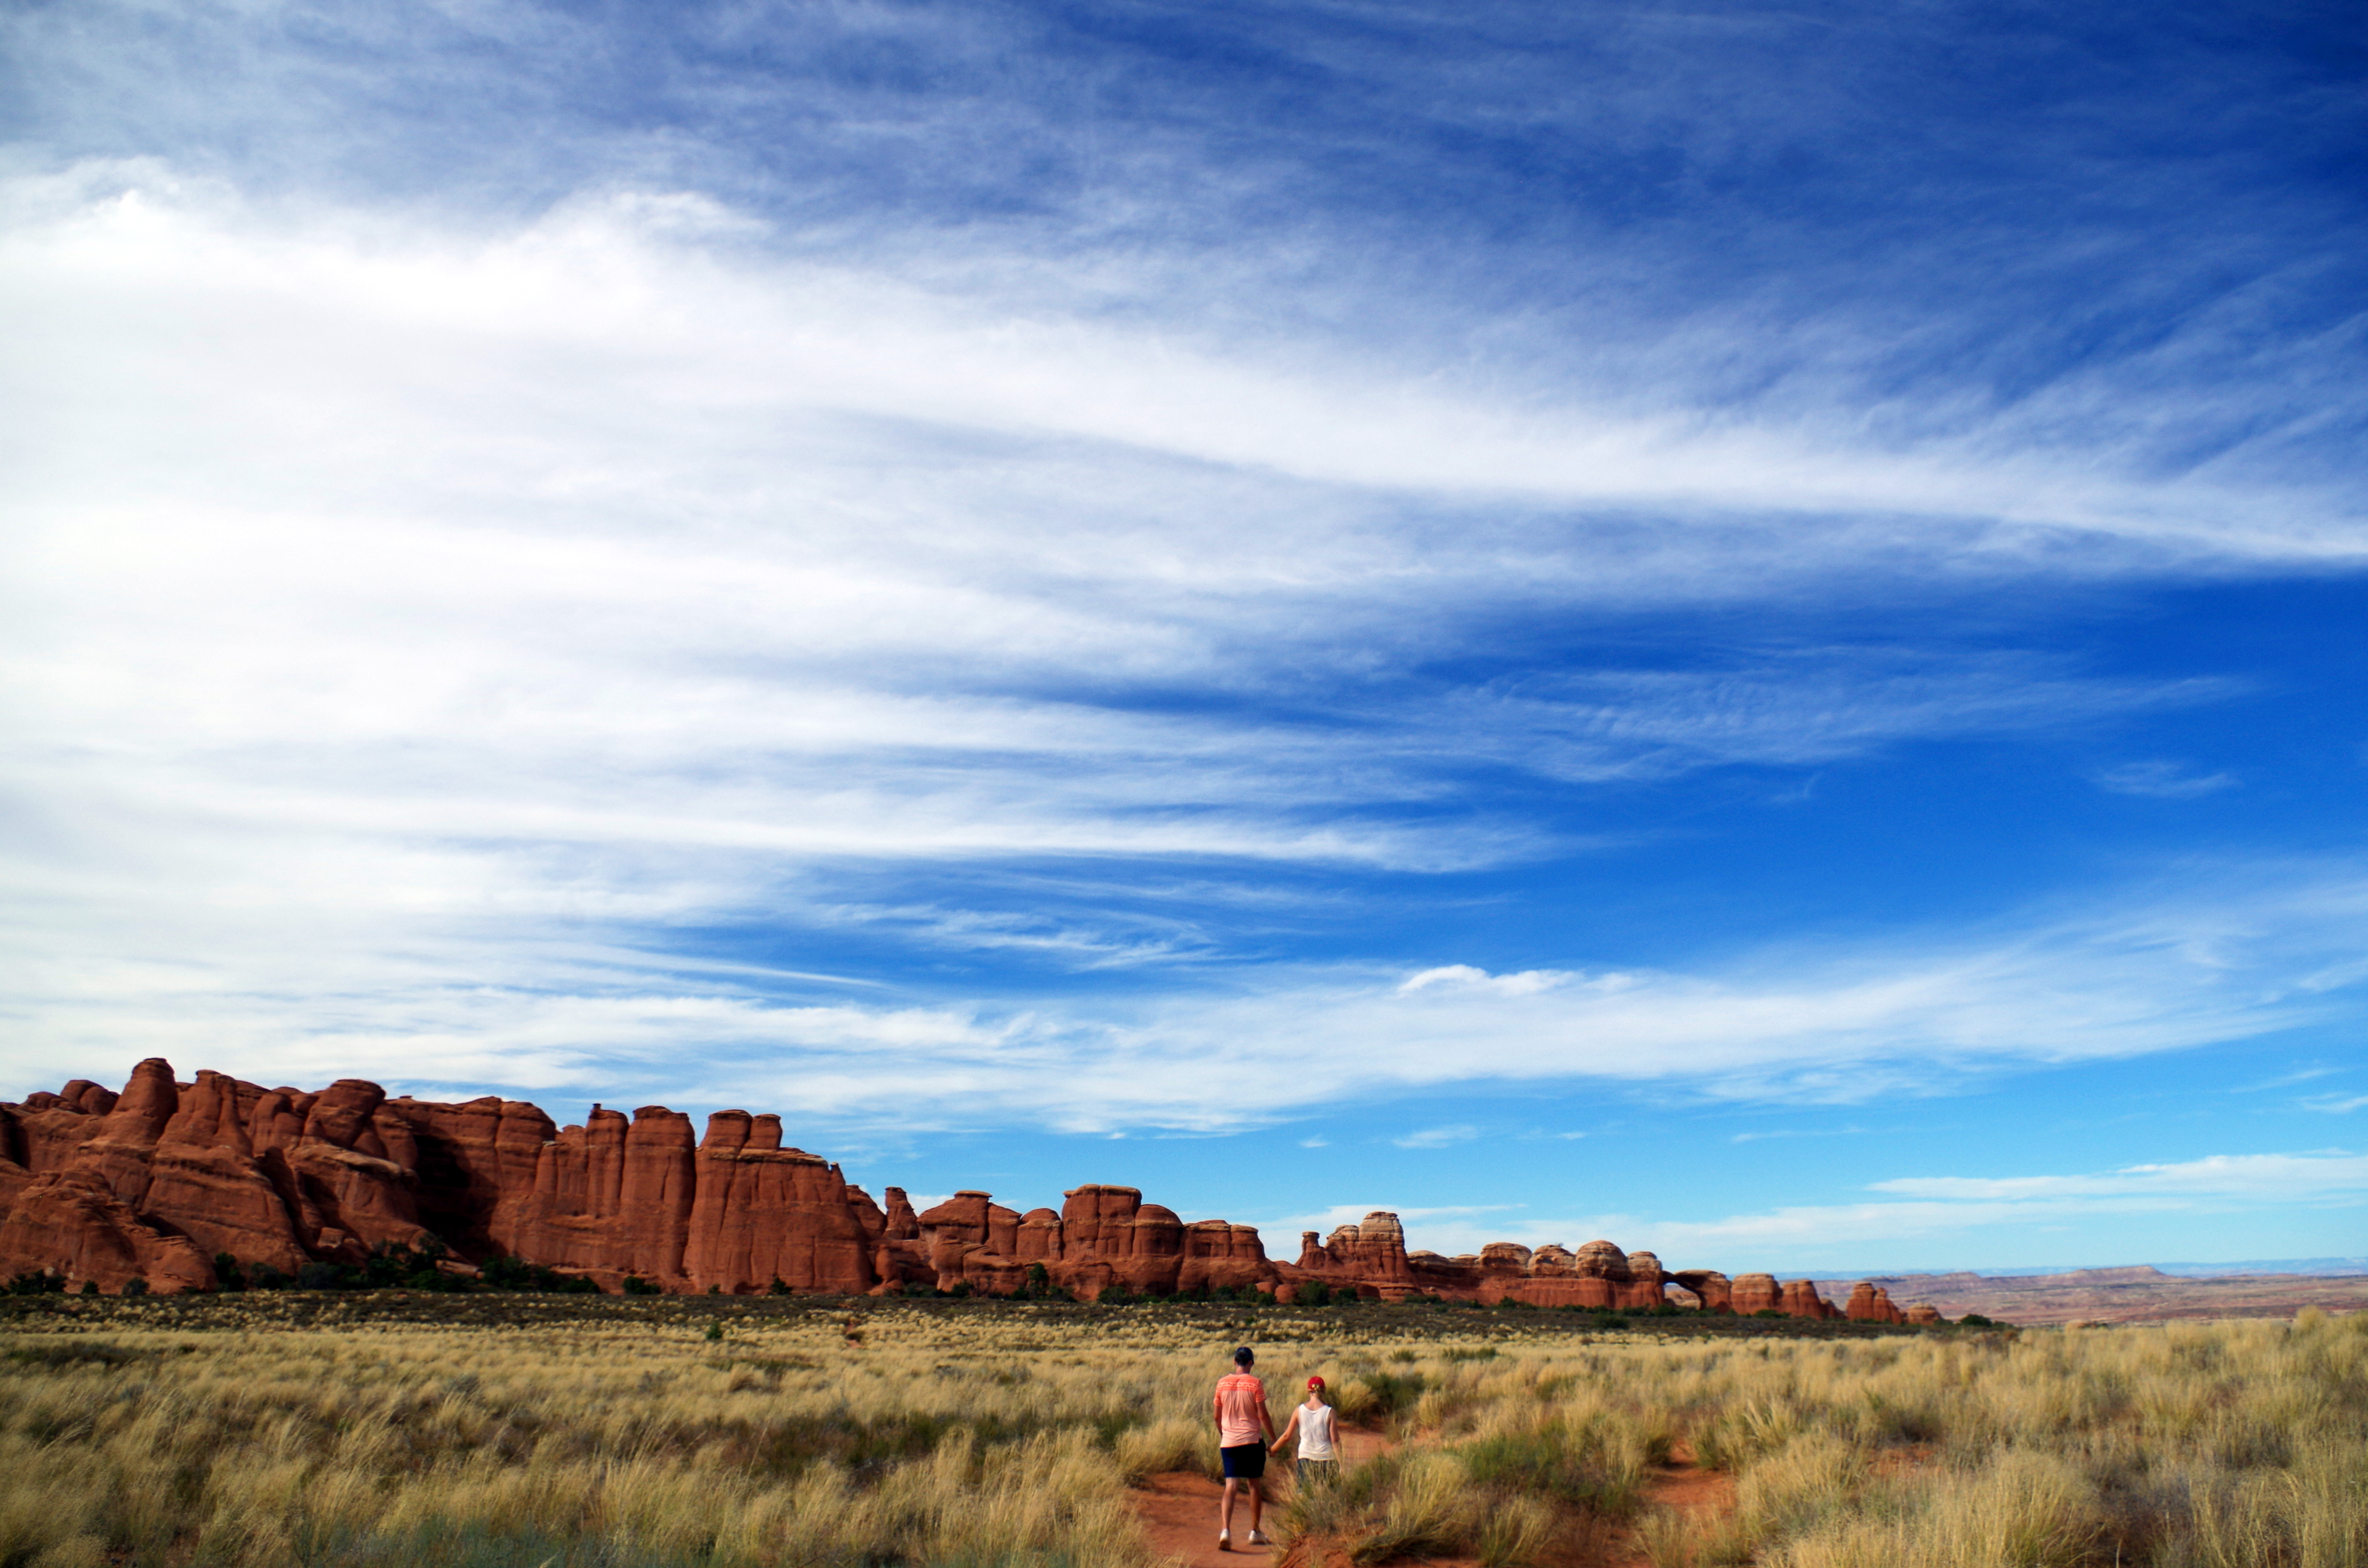 Zwischen den Felsformationen findet ihr im Arches NP auch weite Wege, die Euch durch Graslandschaften vorbei an Sträuchern und wilden Tieren führen.